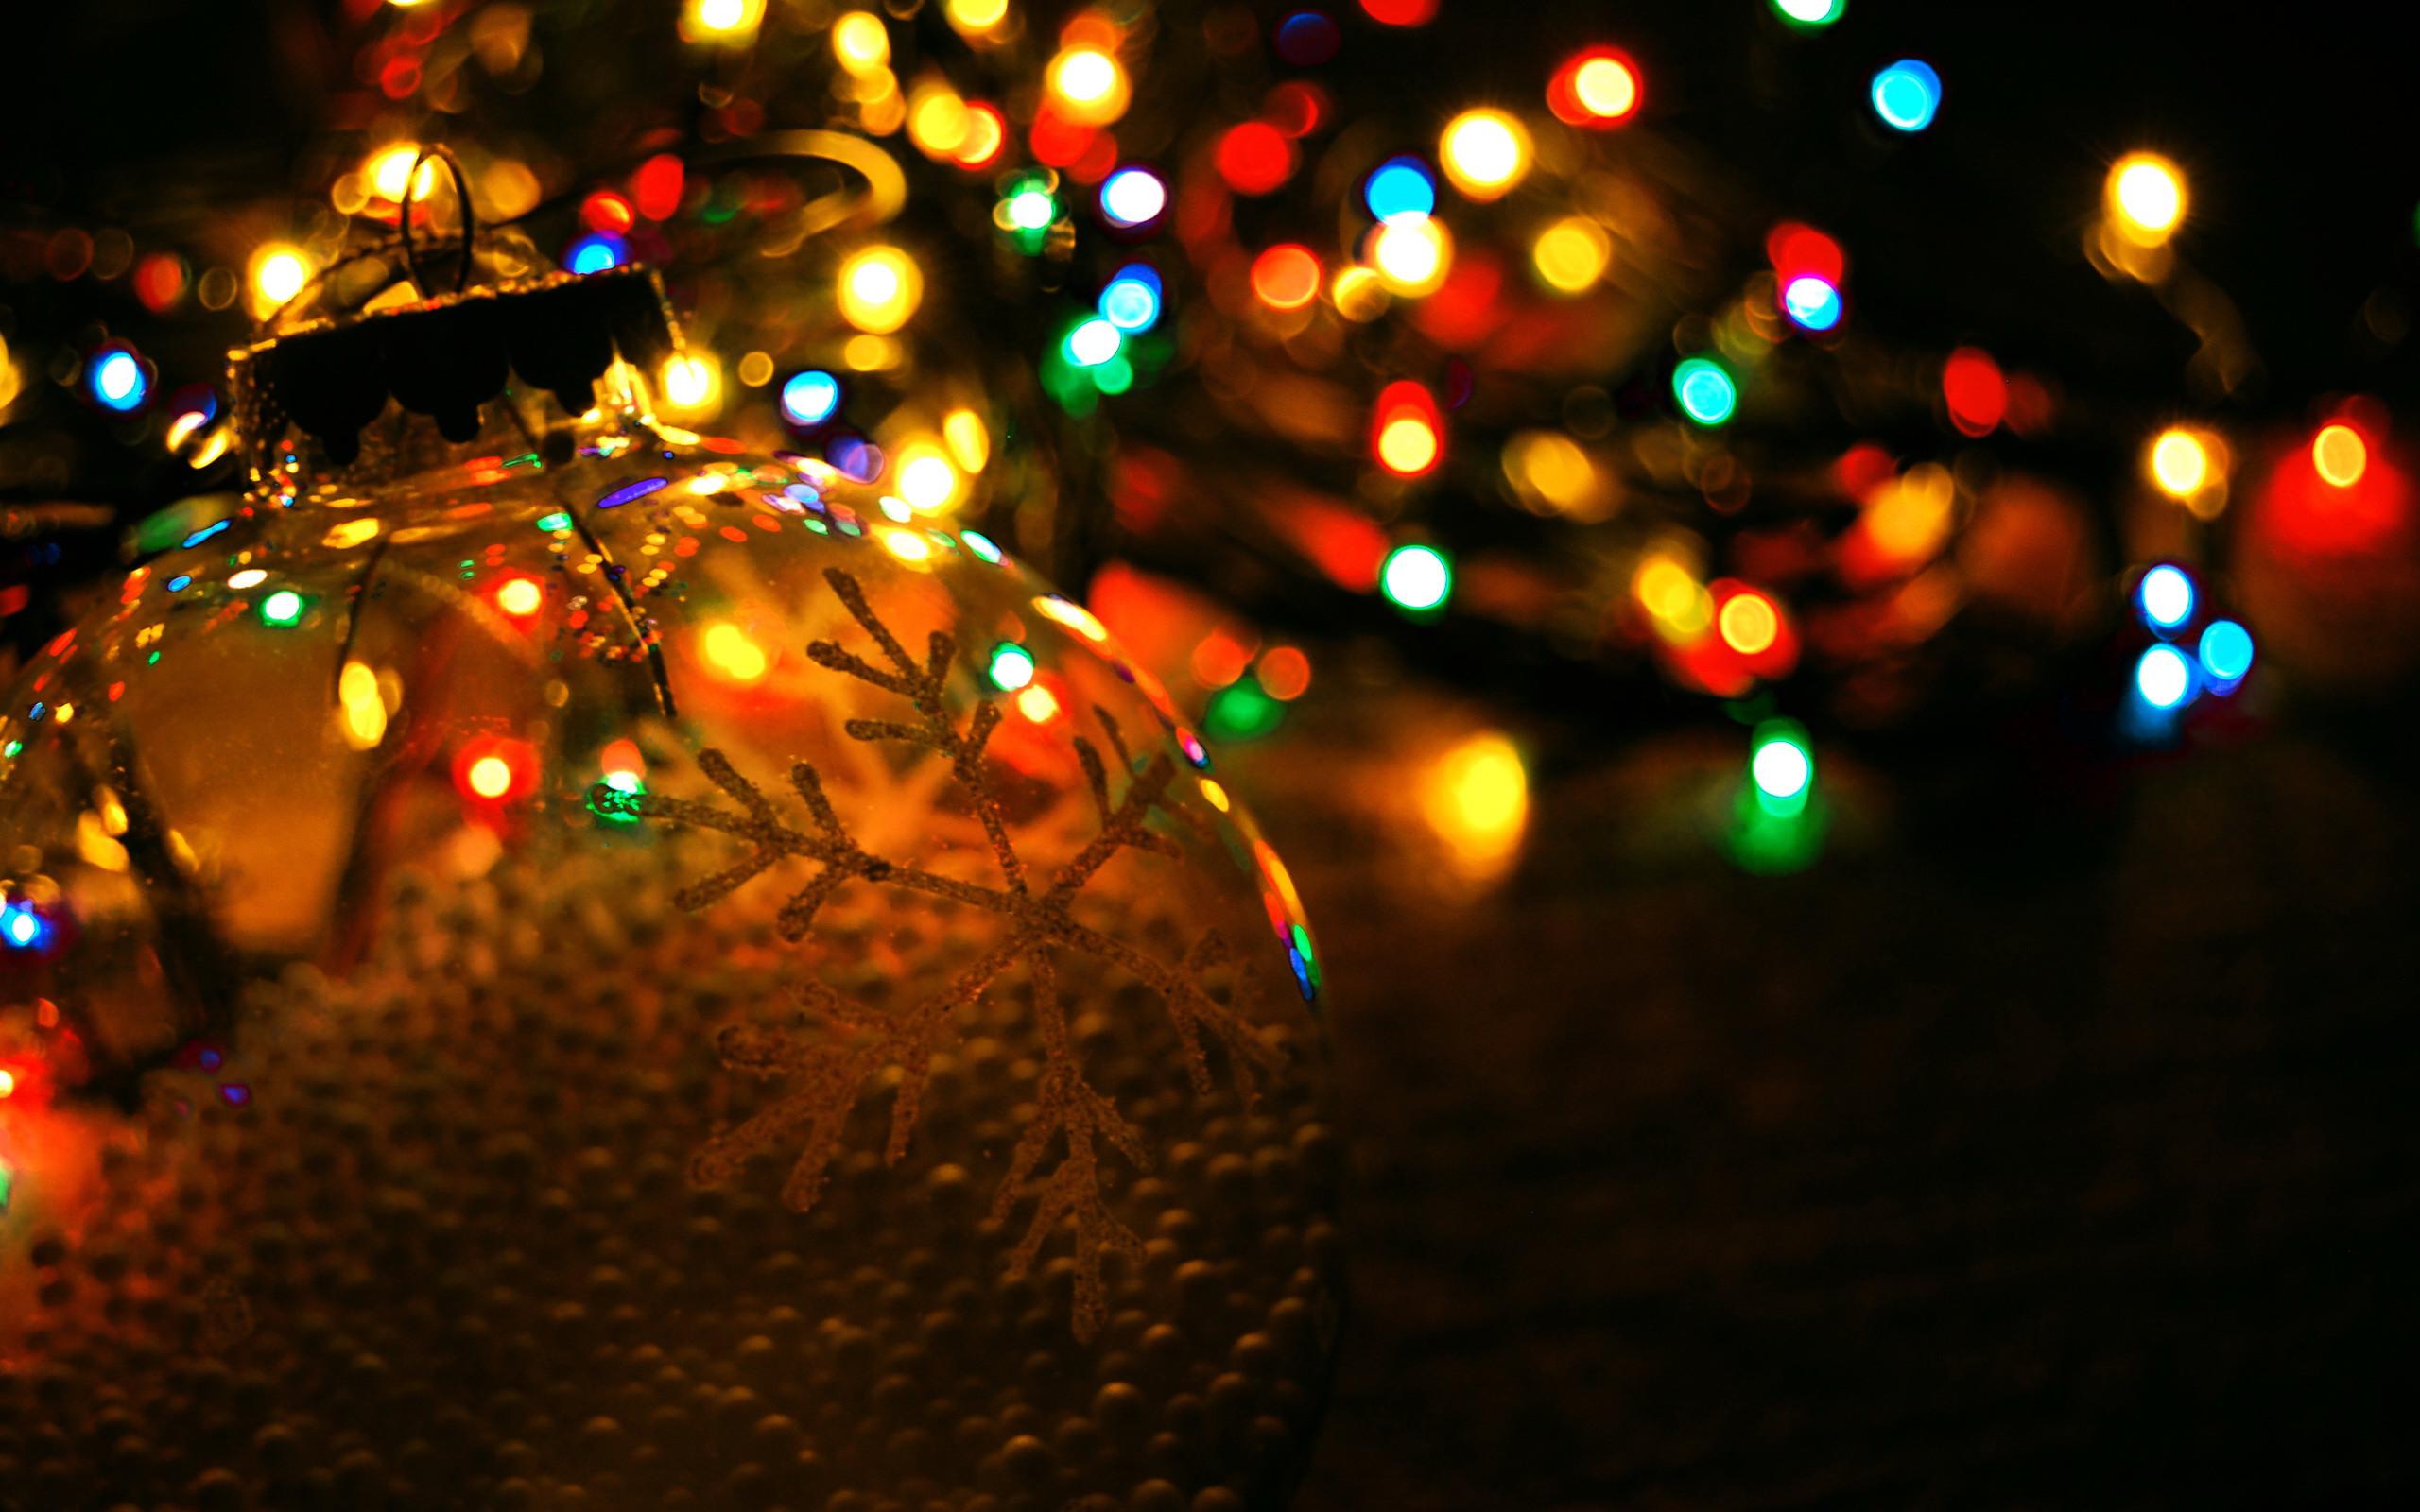 новогодние темы обои на рабочий стол № 579607 бесплатно